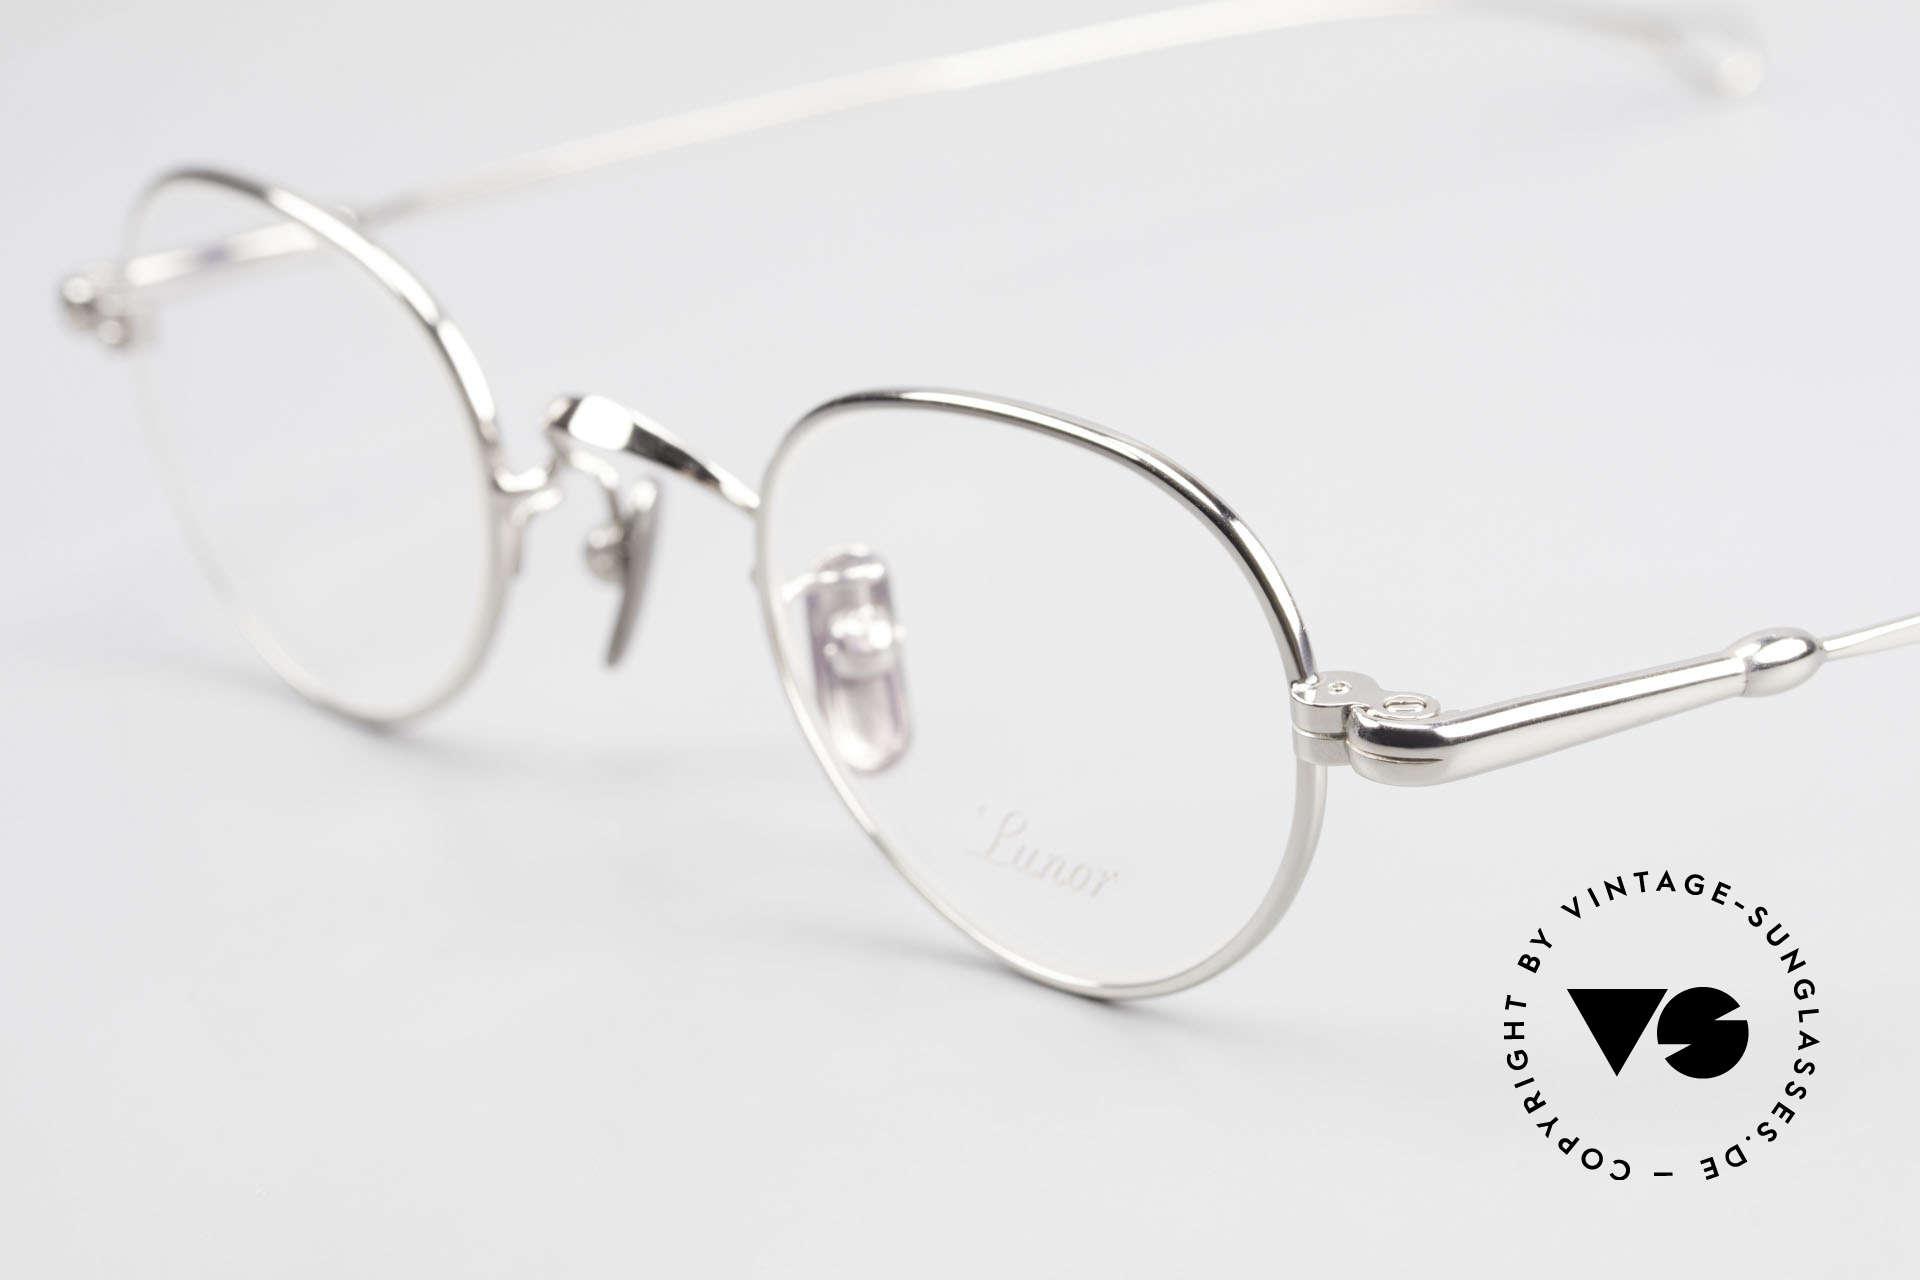 Lunor V 103 Zeitlose Lunor Brille Platin, aus der 2011er Kollektion in altbekannter Qualität, Passend für Herren und Damen